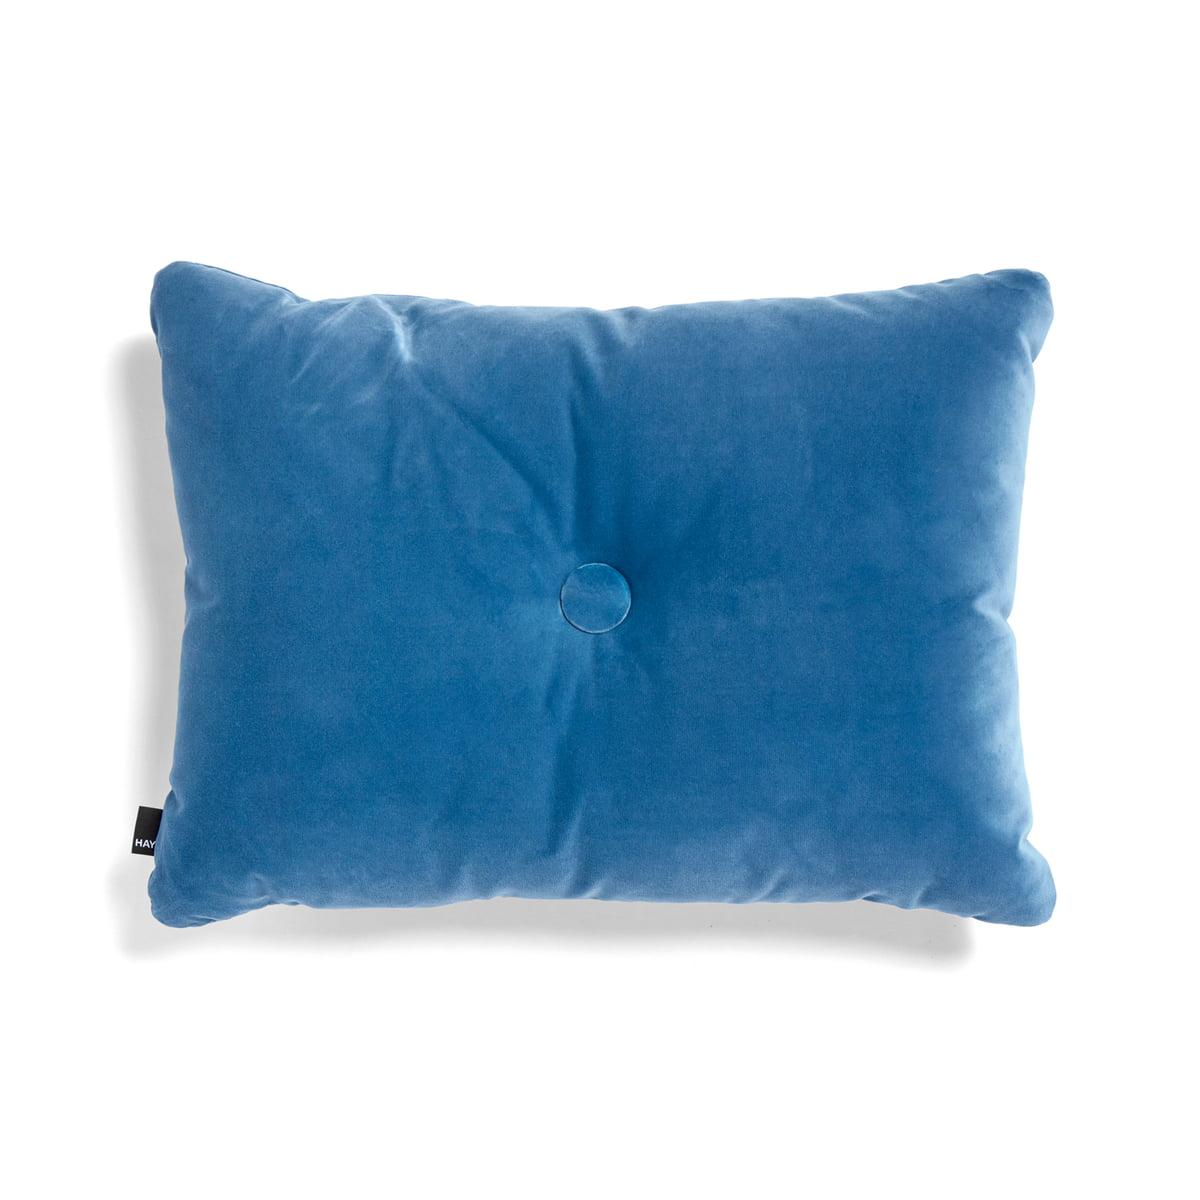 Hay   Dot Soft Cushion, 45 X 60 Cm, Blue